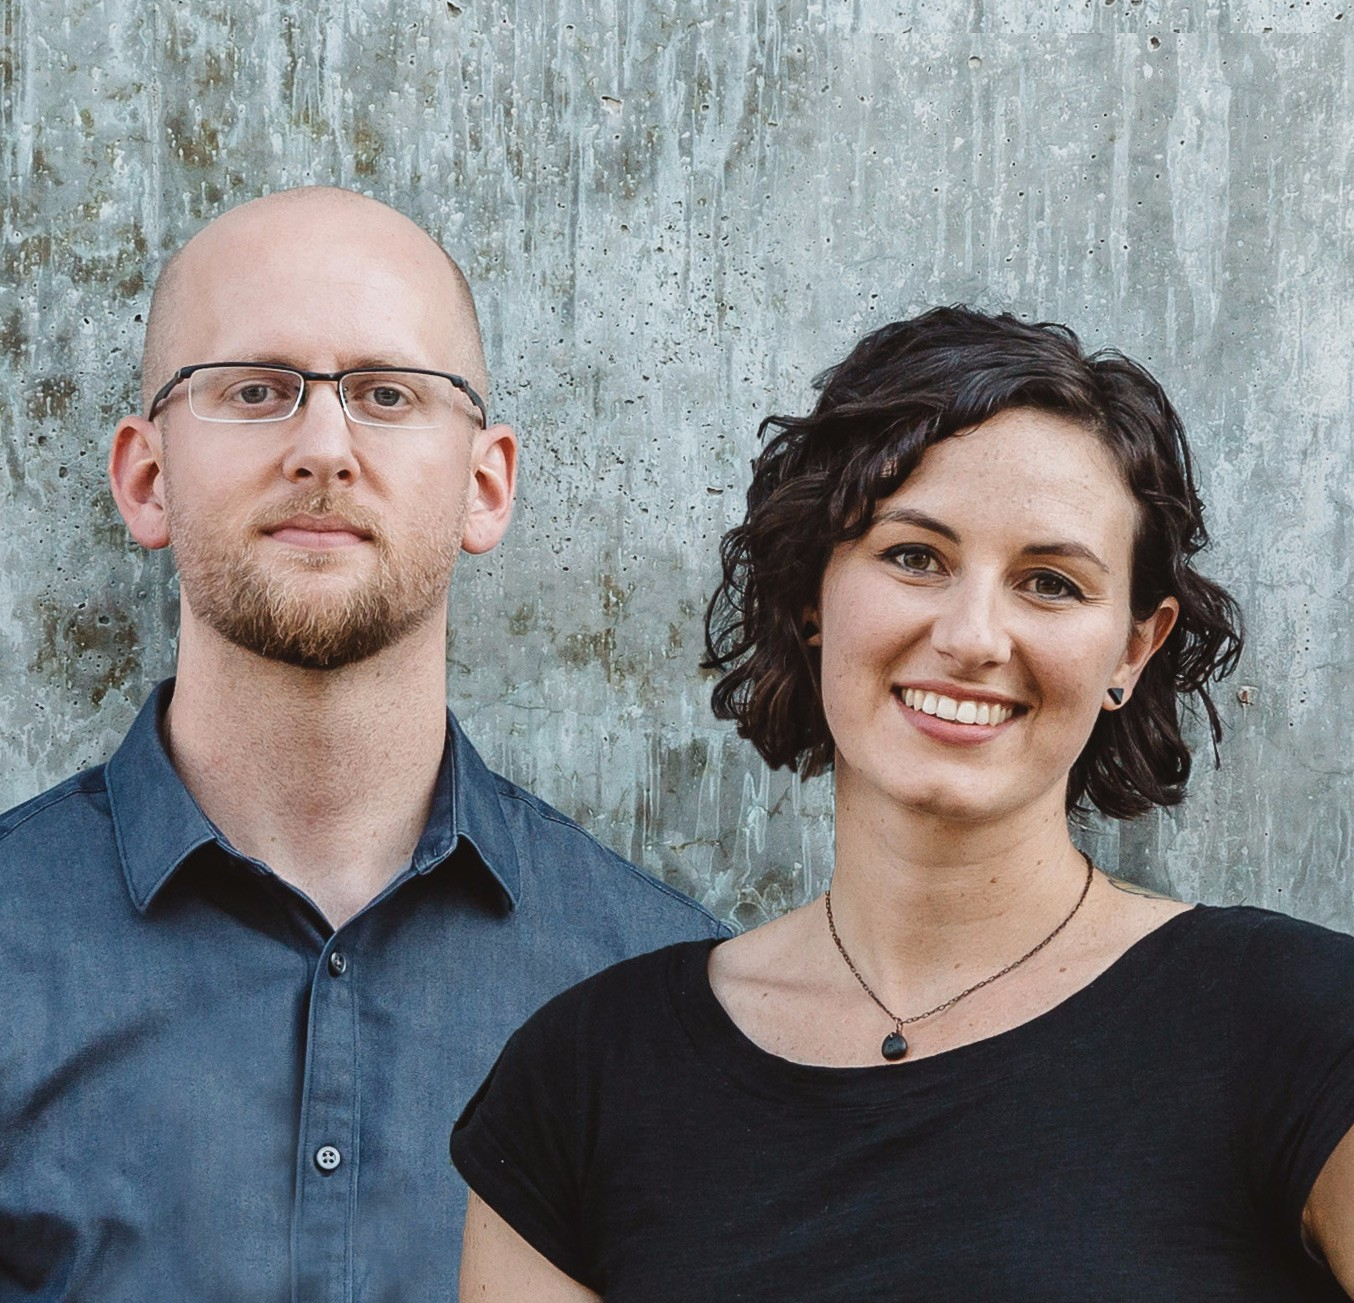 Erik & Megan